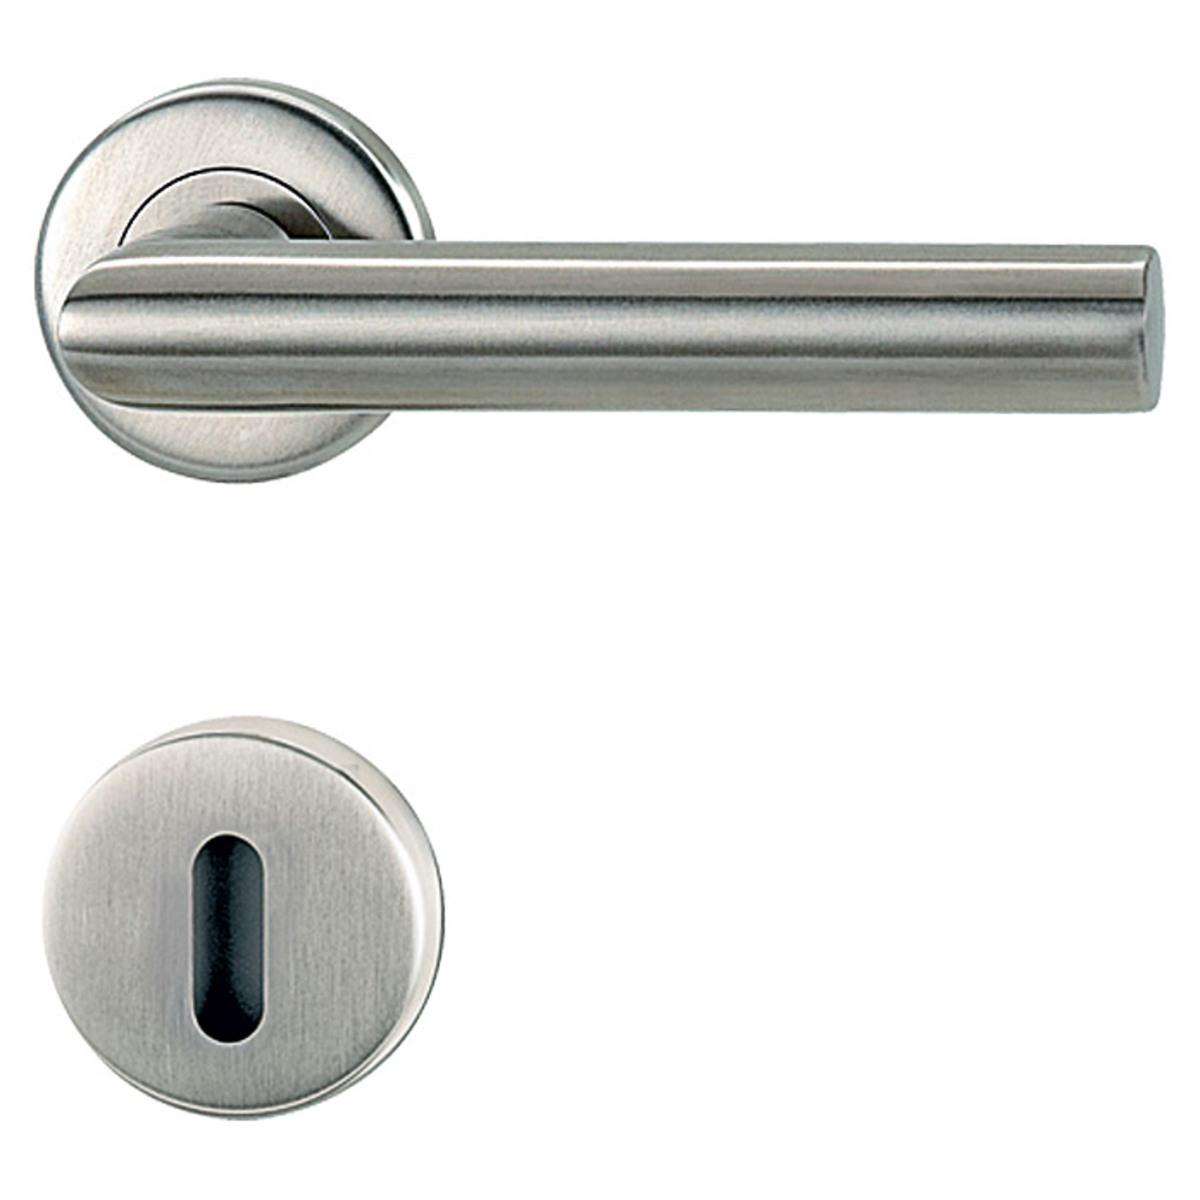 Bild 1 von Diamond Doors Modern Zimmertürgarnitur L-Form